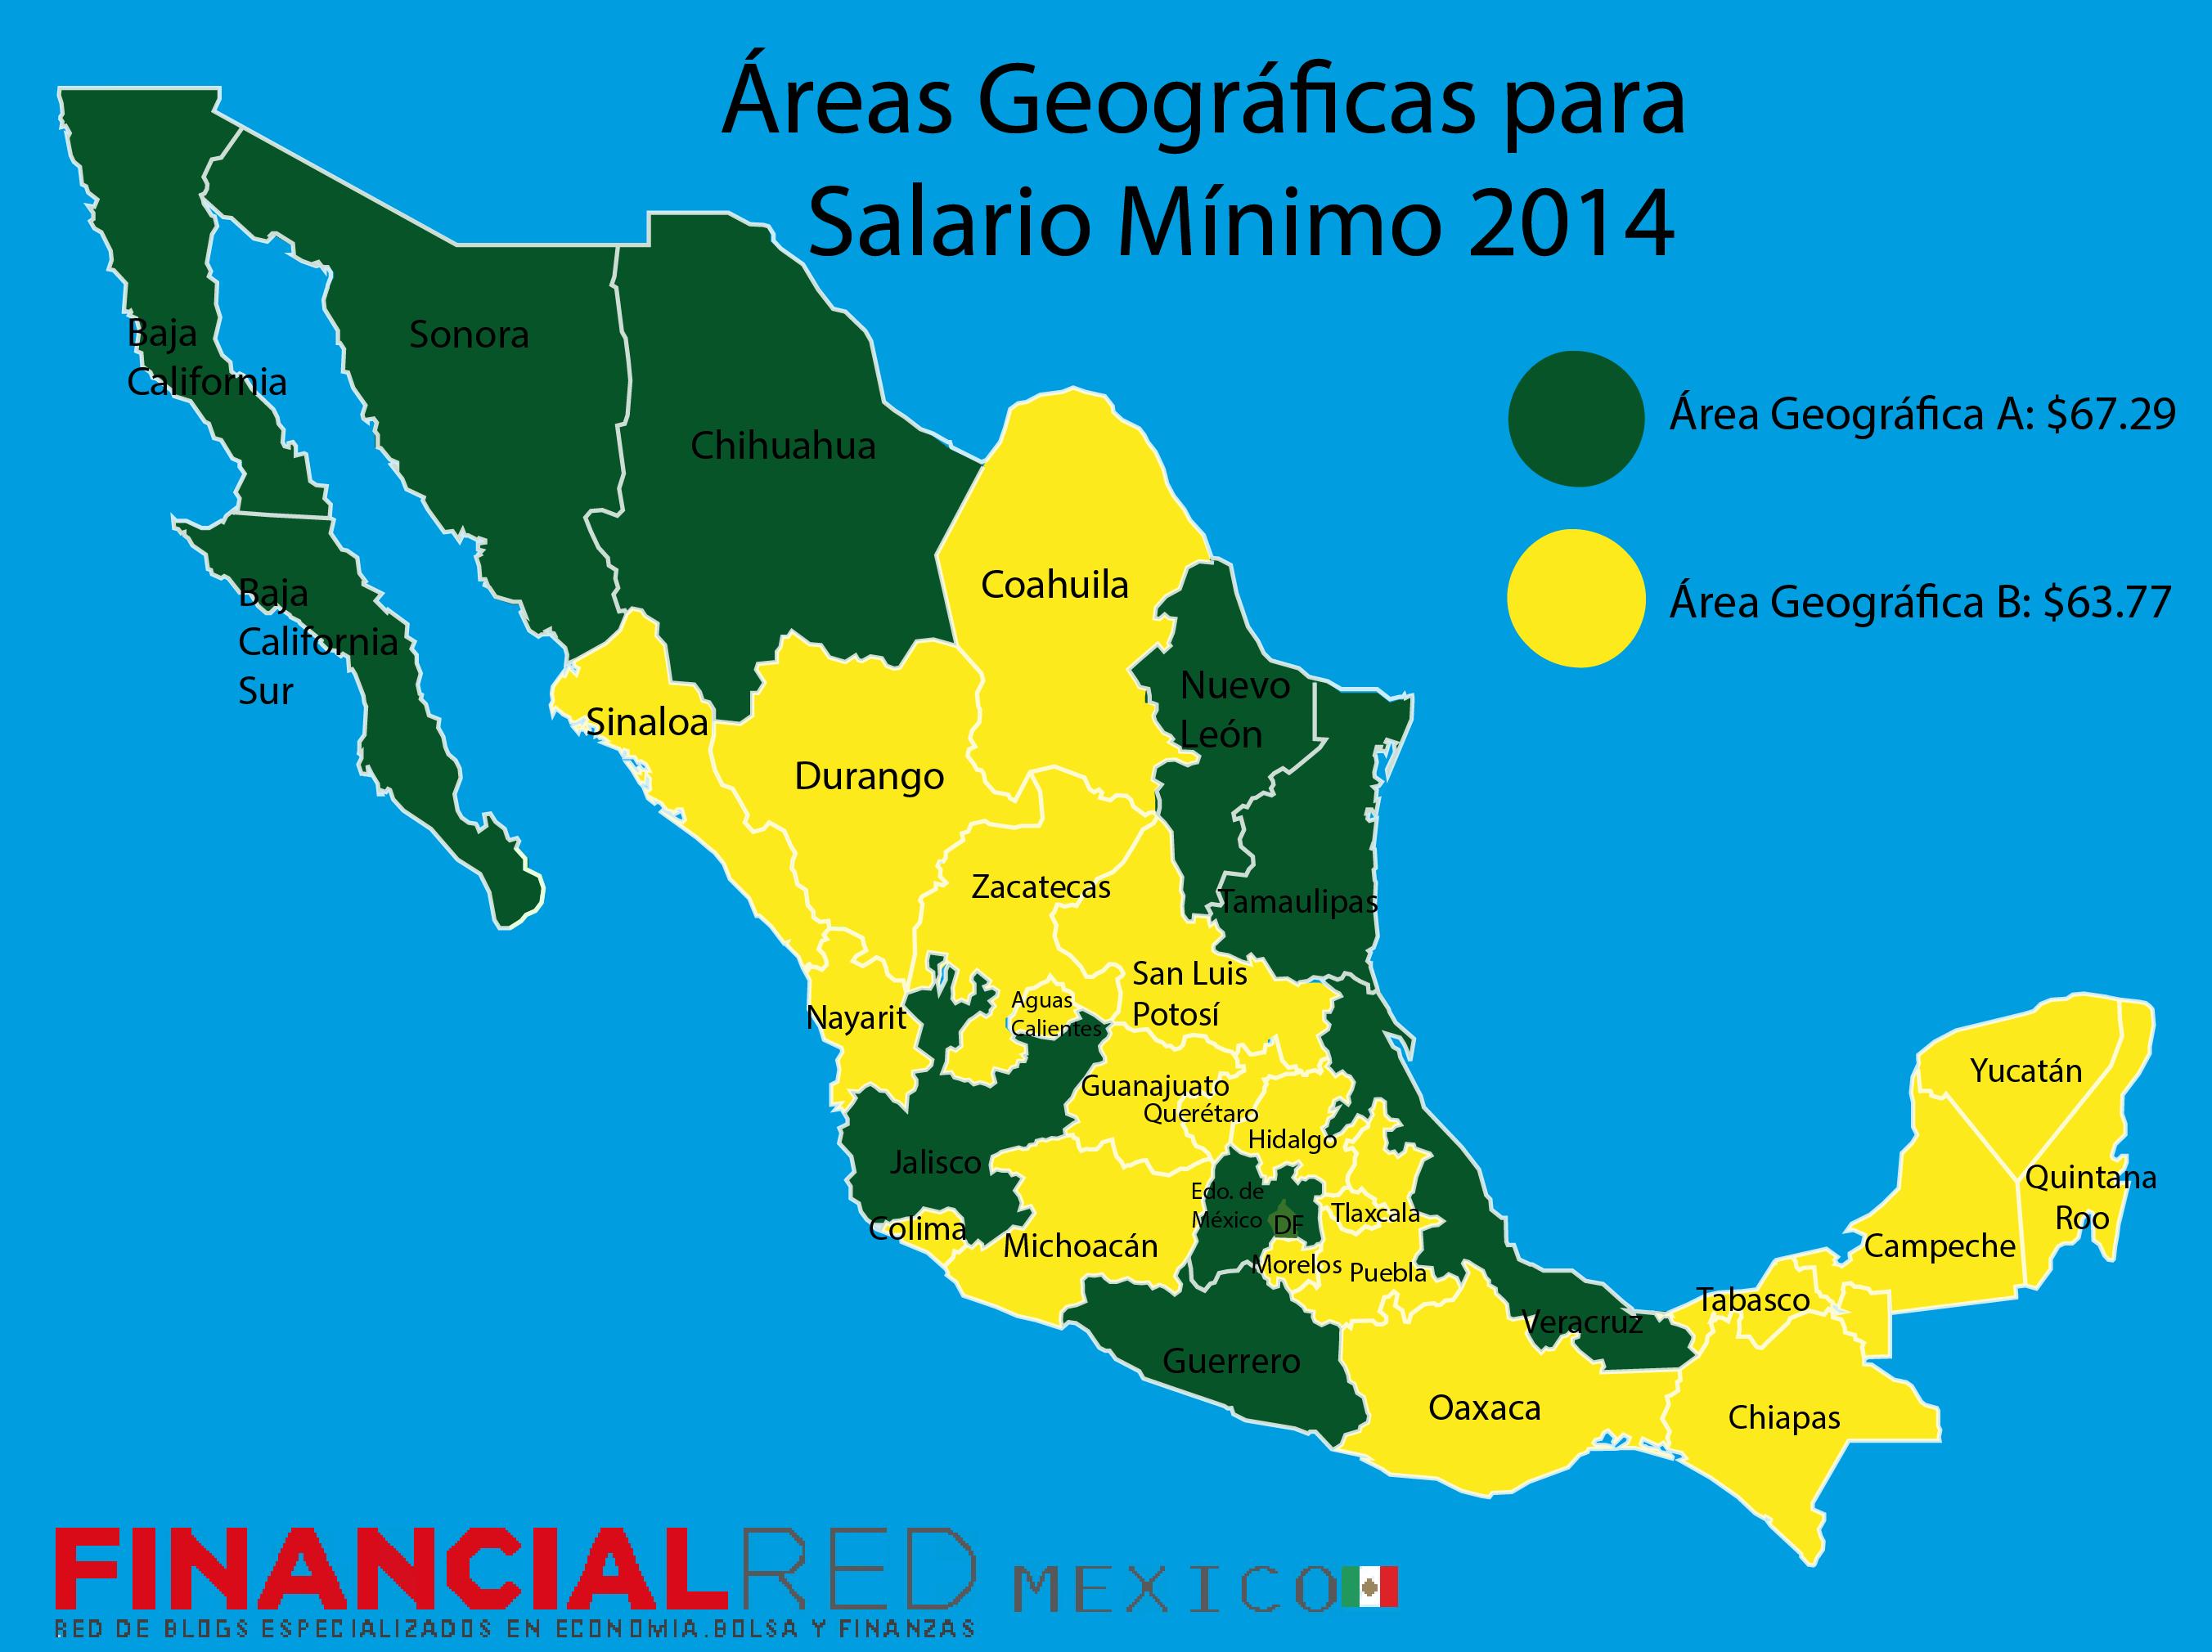 Salario Mínimo 2014 Áreas Geográficas